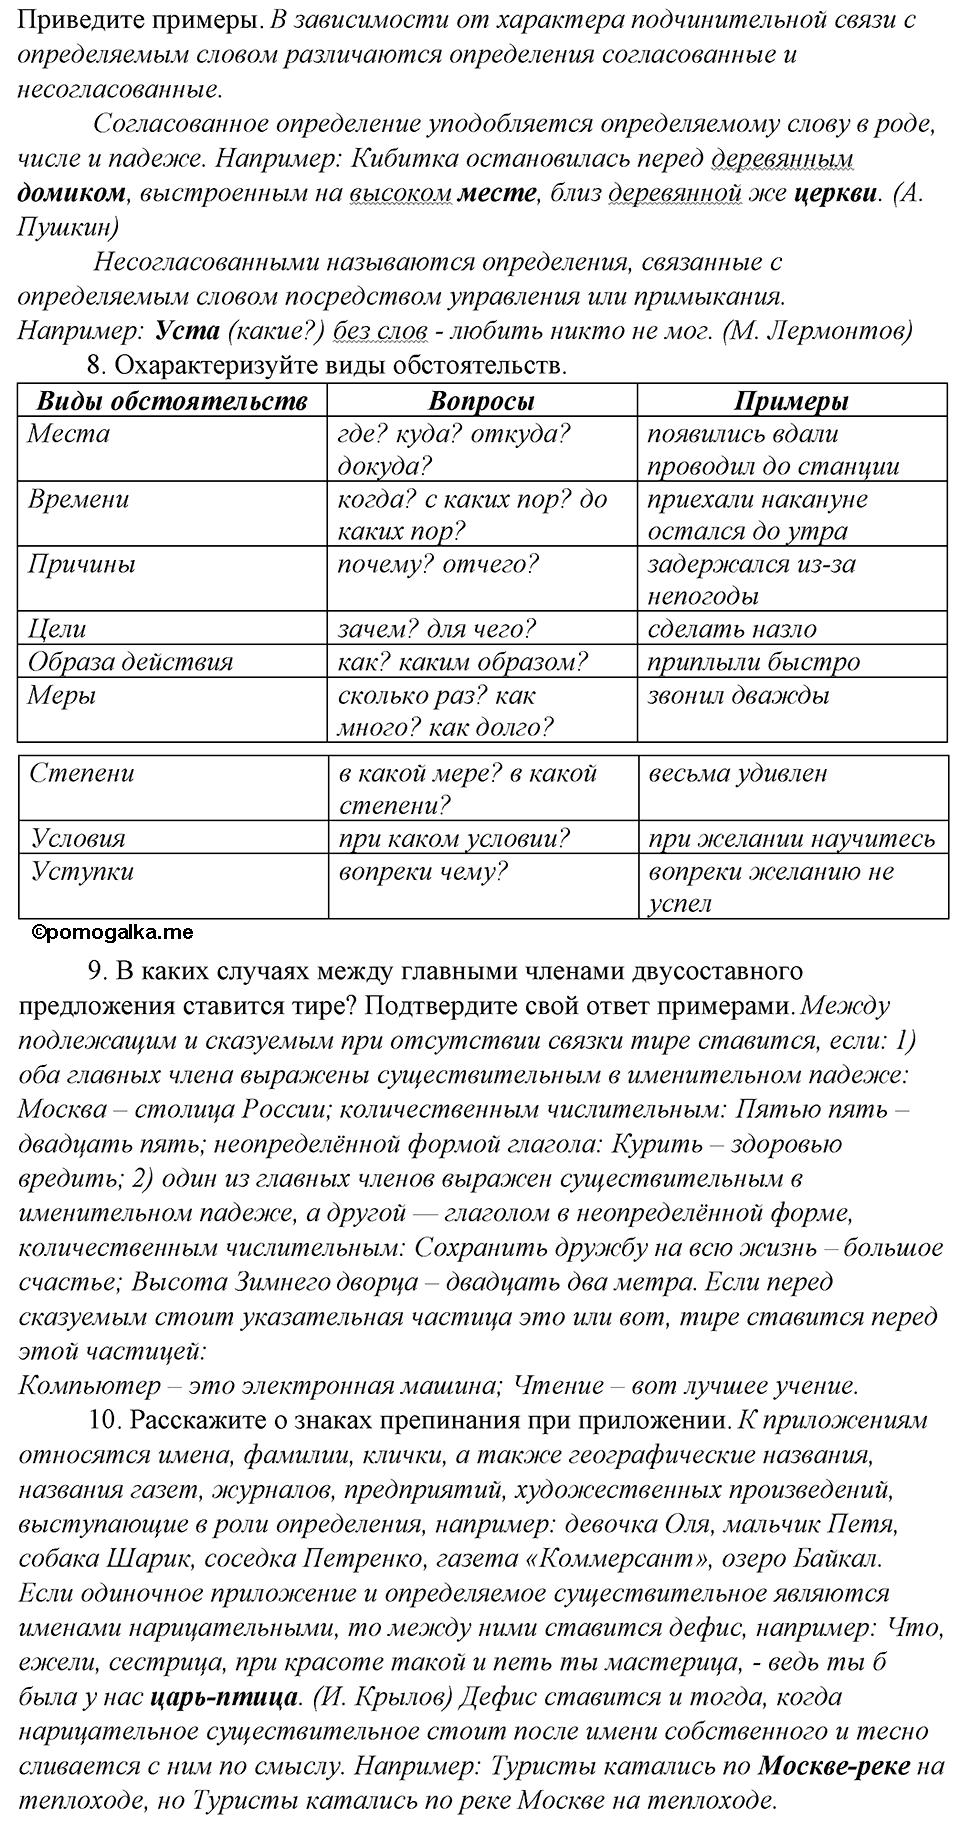 гдз по русскому языку 8 класс кузовлев